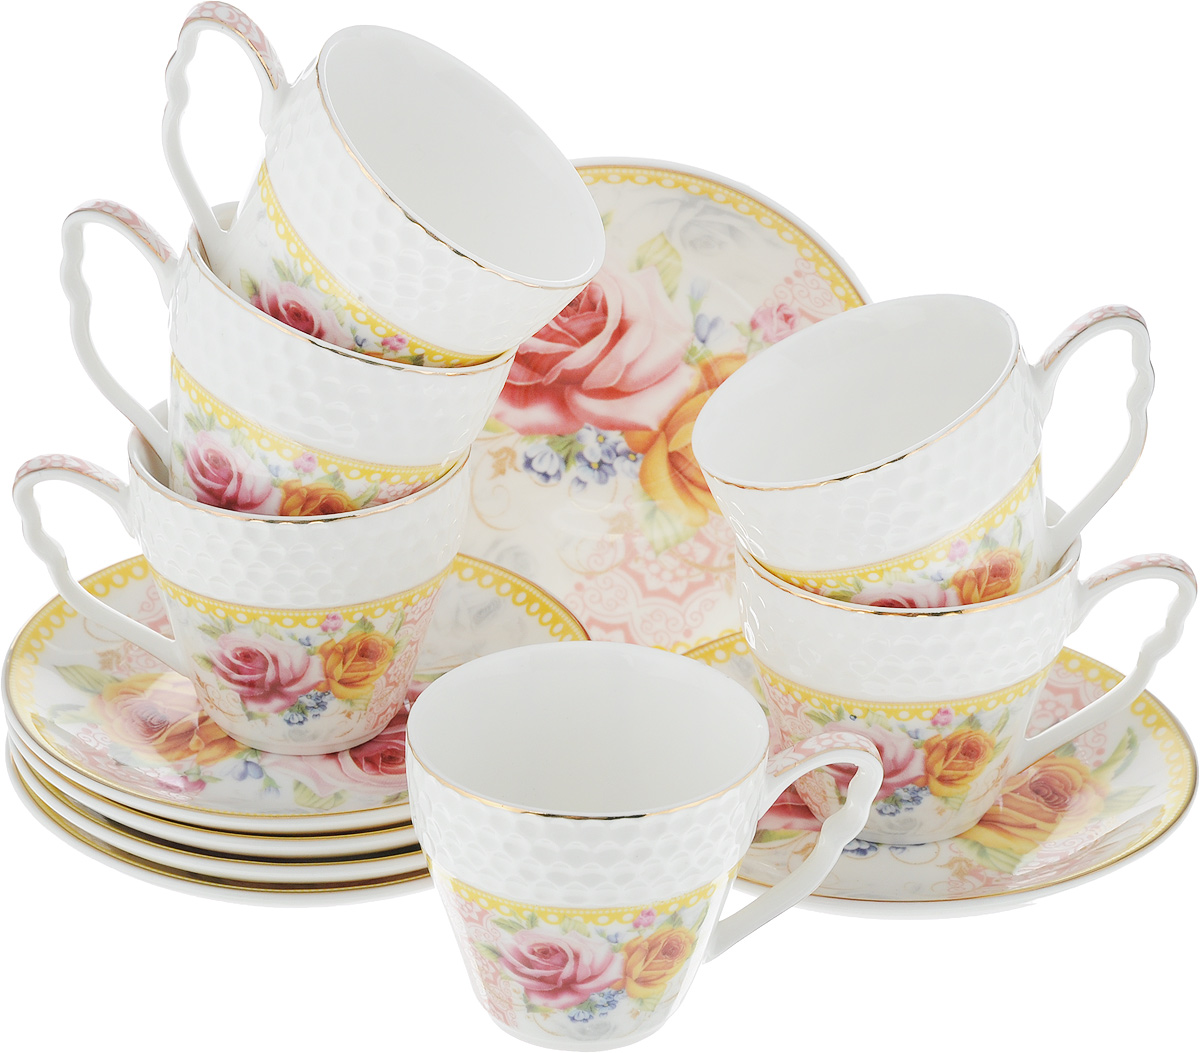 Набор кофейный Loraine Розы, 12 предметов. 2578725787Кофейный набор Loraine Розы состоит из 6 чашек и 6 блюдец. Изделия выполнены из высококачественного костяного фарфора, оформлены золотистой каймой и цветочным рисунком. Такой набор станет прекрасным украшением стола и порадует гостей изысканным дизайном и утонченностью. Набор упакован в подарочную коробку, задрапированную внутри белой атласной тканью. Каждый предмет надежно зафиксирован внутри коробки. Кофейный набор Loraine Розы идеально впишется в любой интерьер, а также станет идеальным подарком для ваших родных и близких. Объем чашки: 90 мл. Диаметр чашки (по верхнему краю): 6,2 см. Высота чашки: 5,5 см. Диаметр блюдца (по верхнему краю): 11,2 см. Высота блюдца: 1,5 см.